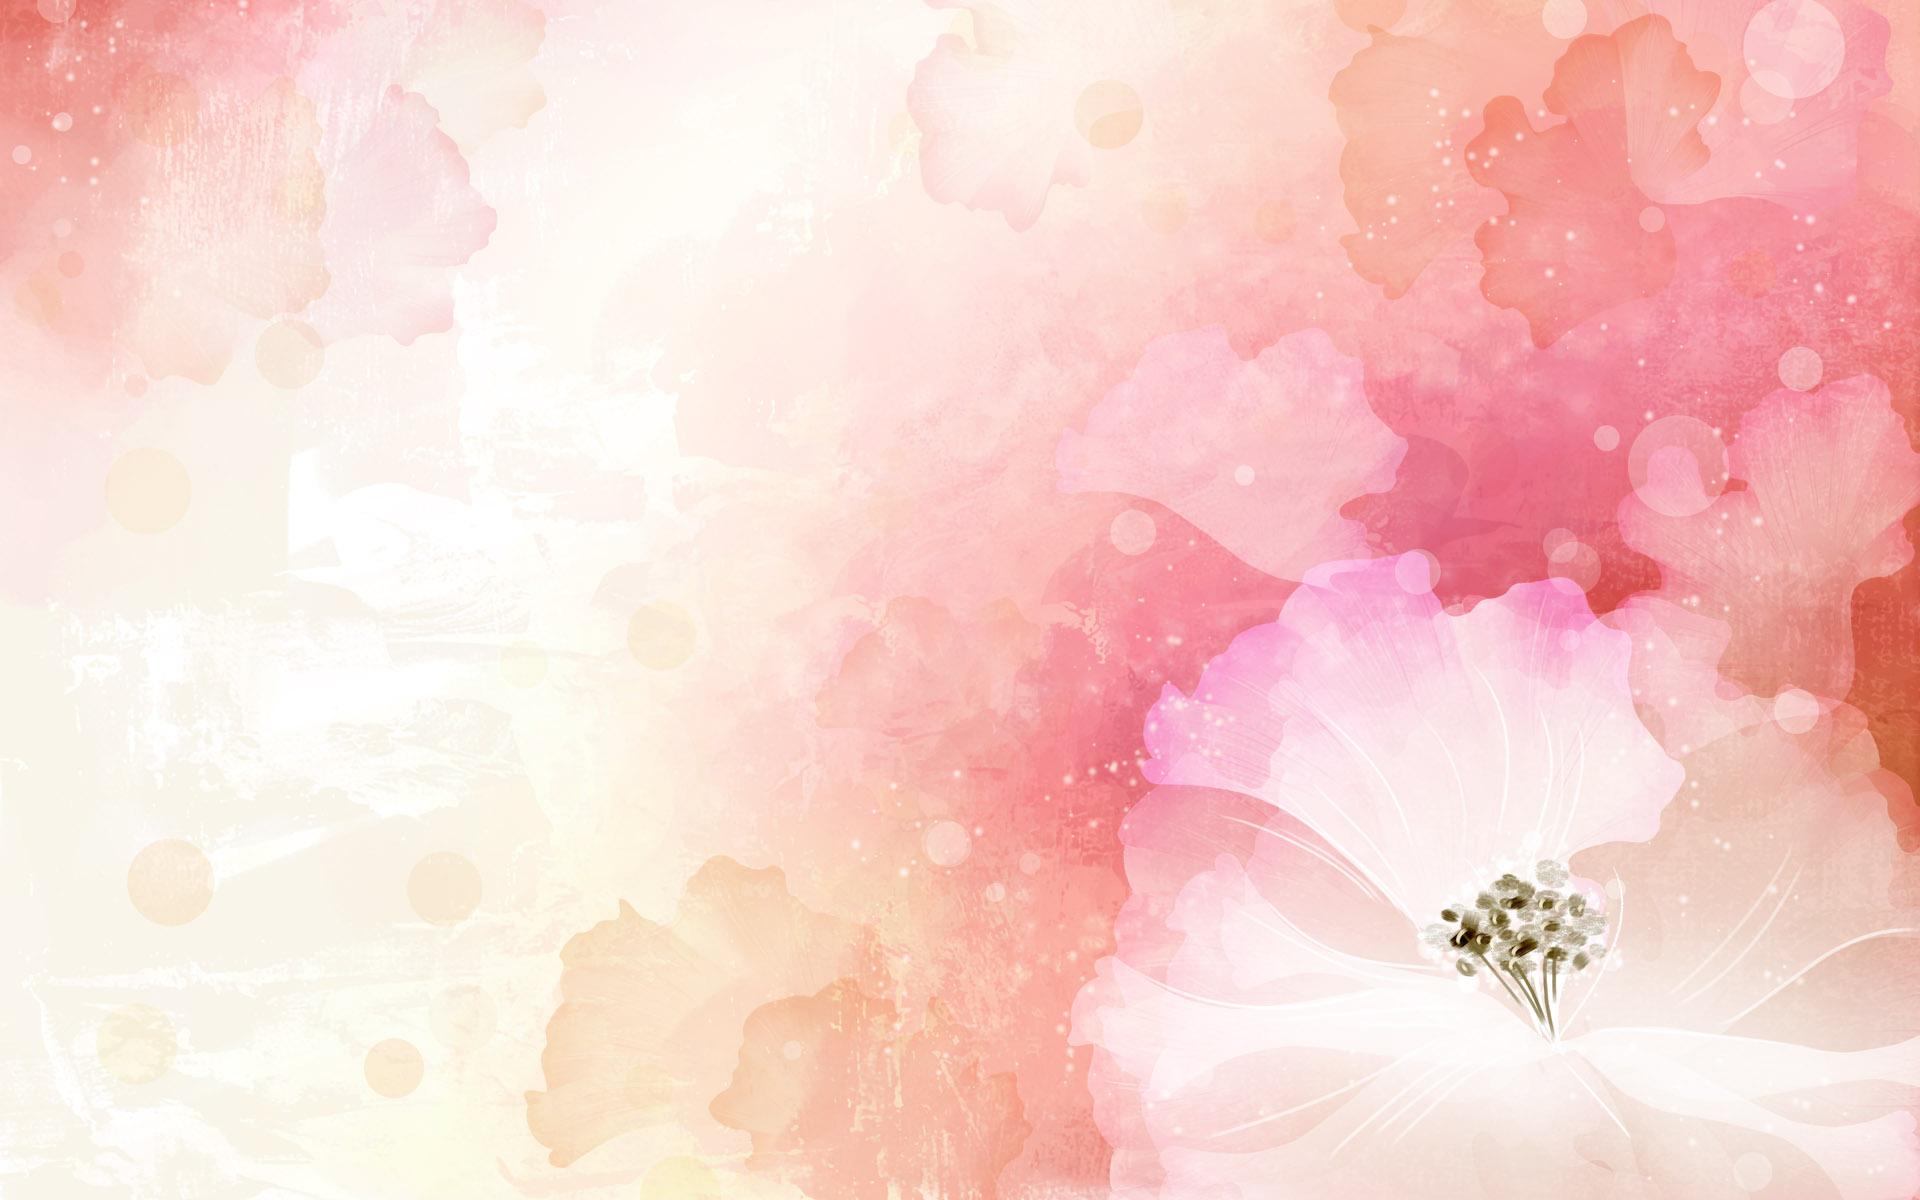 朦胧粉色水彩花蕊ppt背景图片